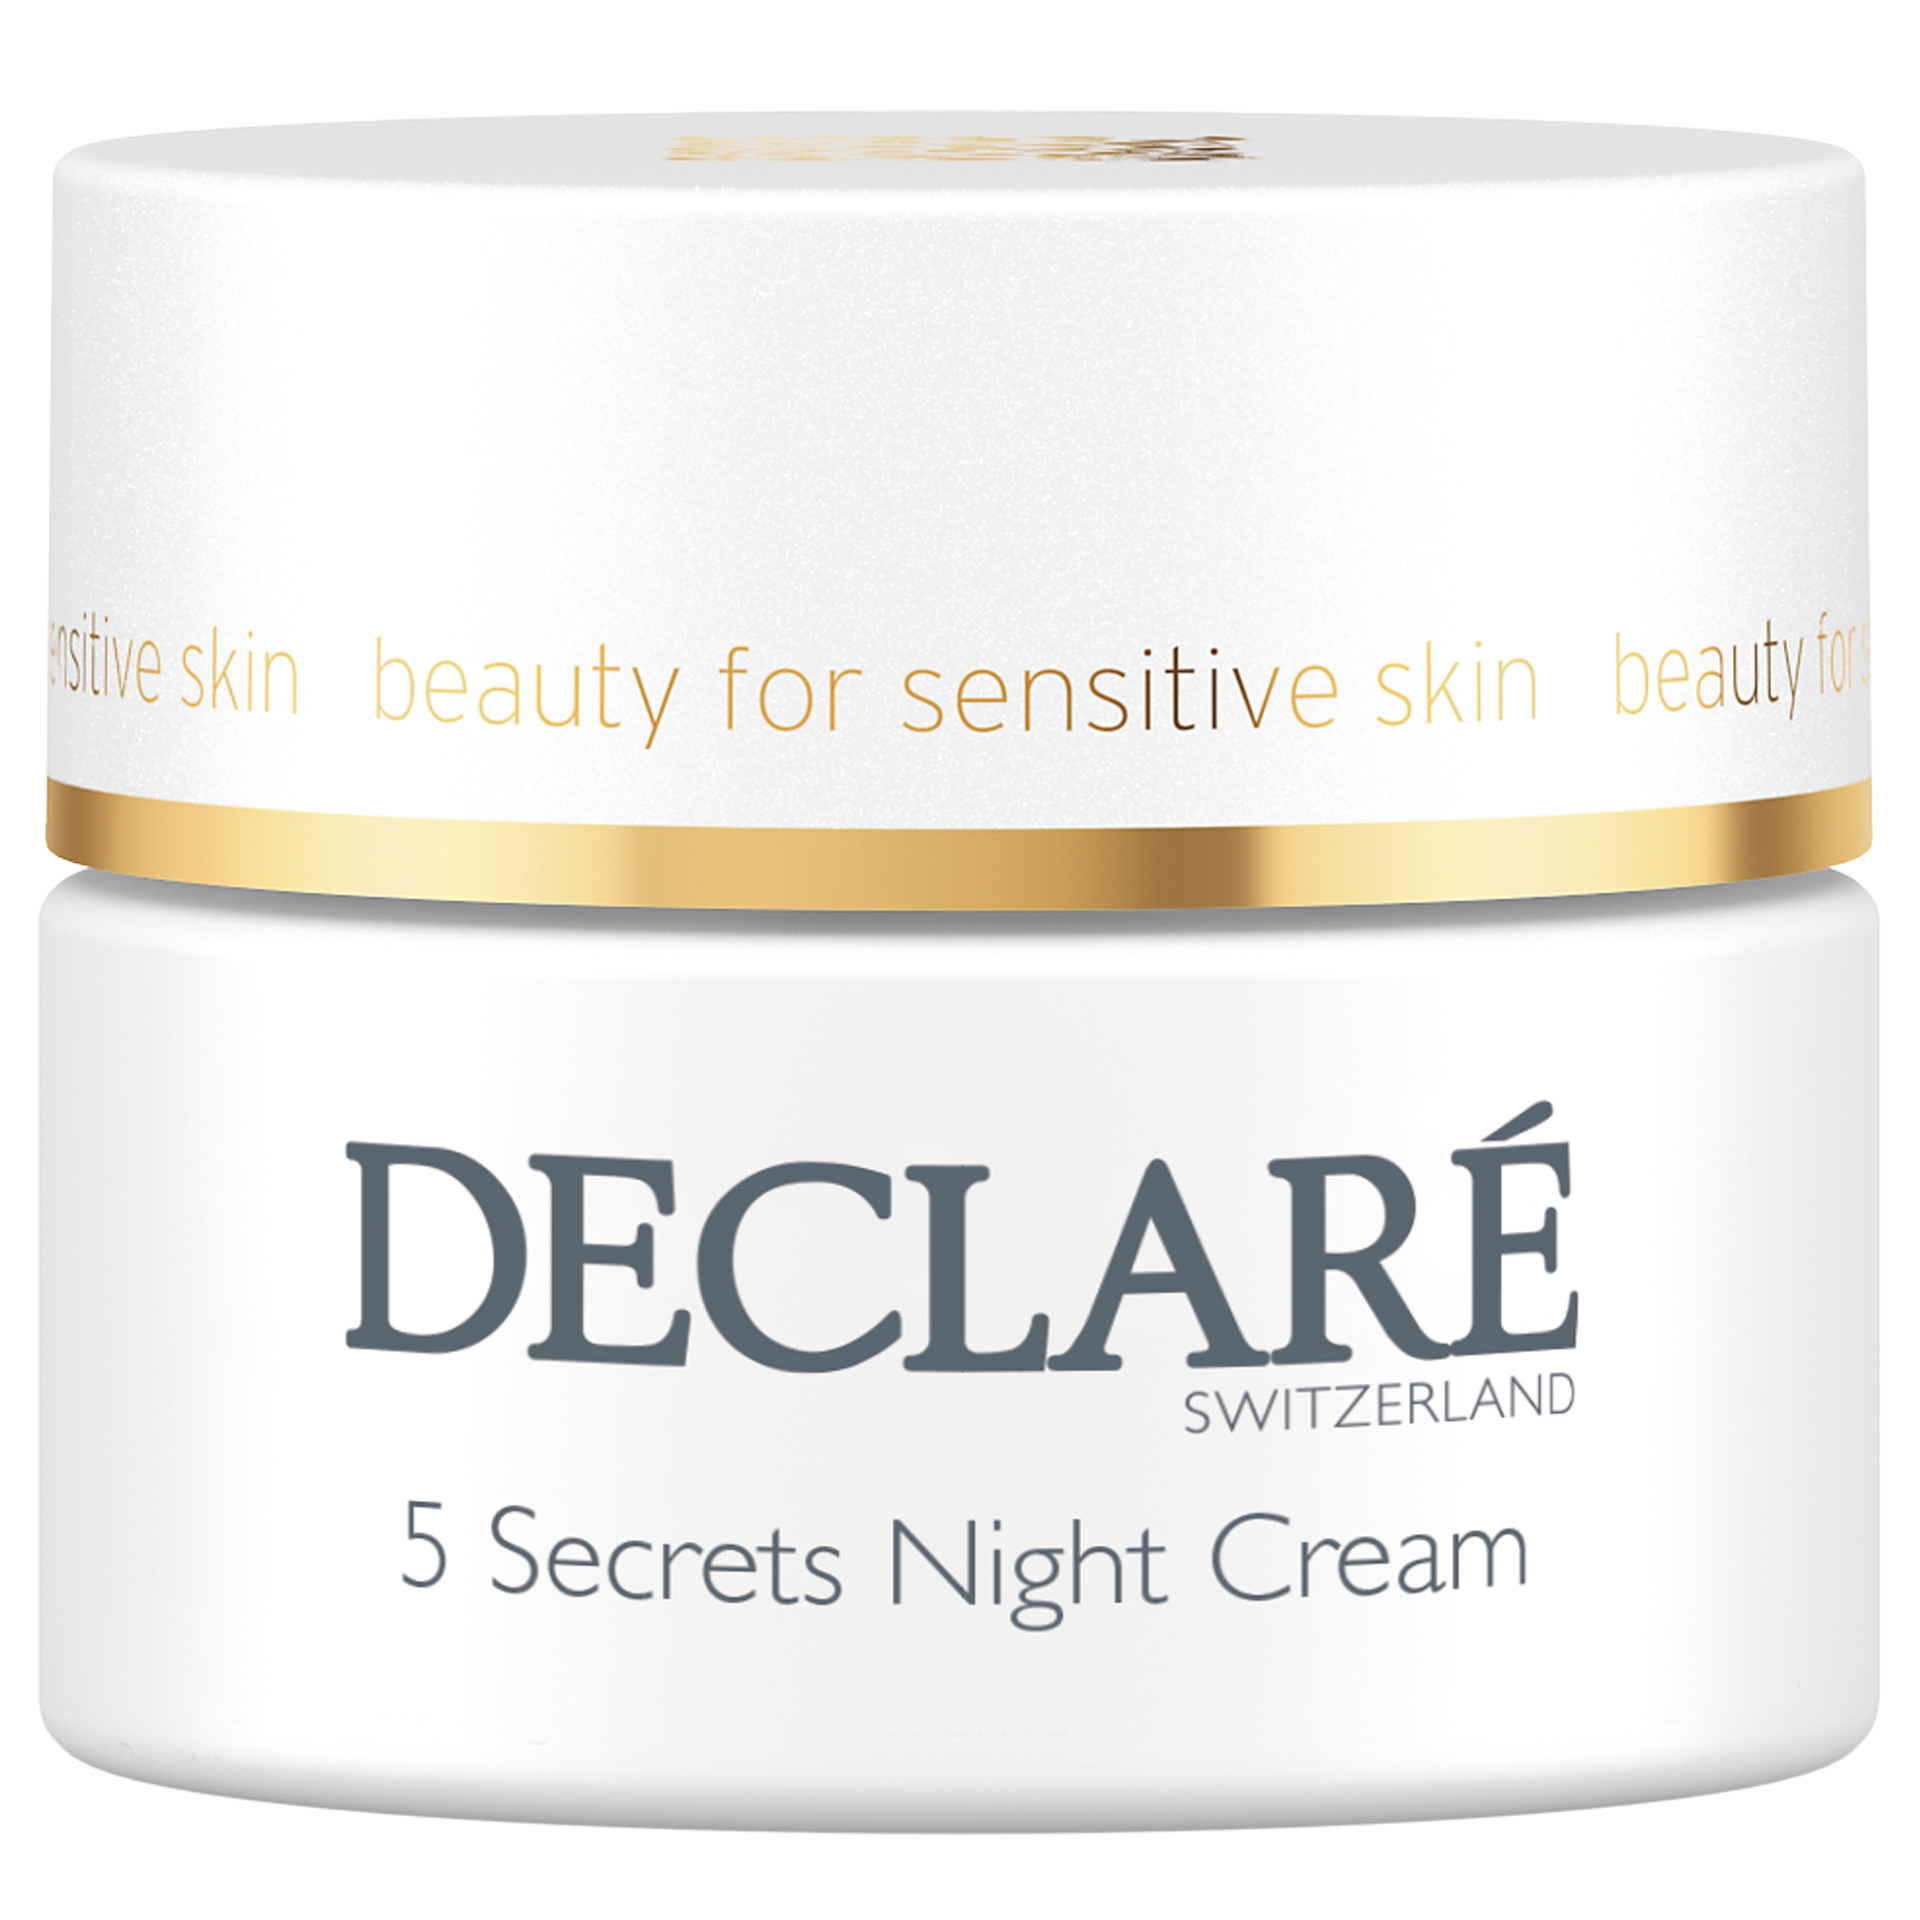 Declare Крем 5 Secrets Night Cream Секретов Ночной Восстанавливающий, 50 мл